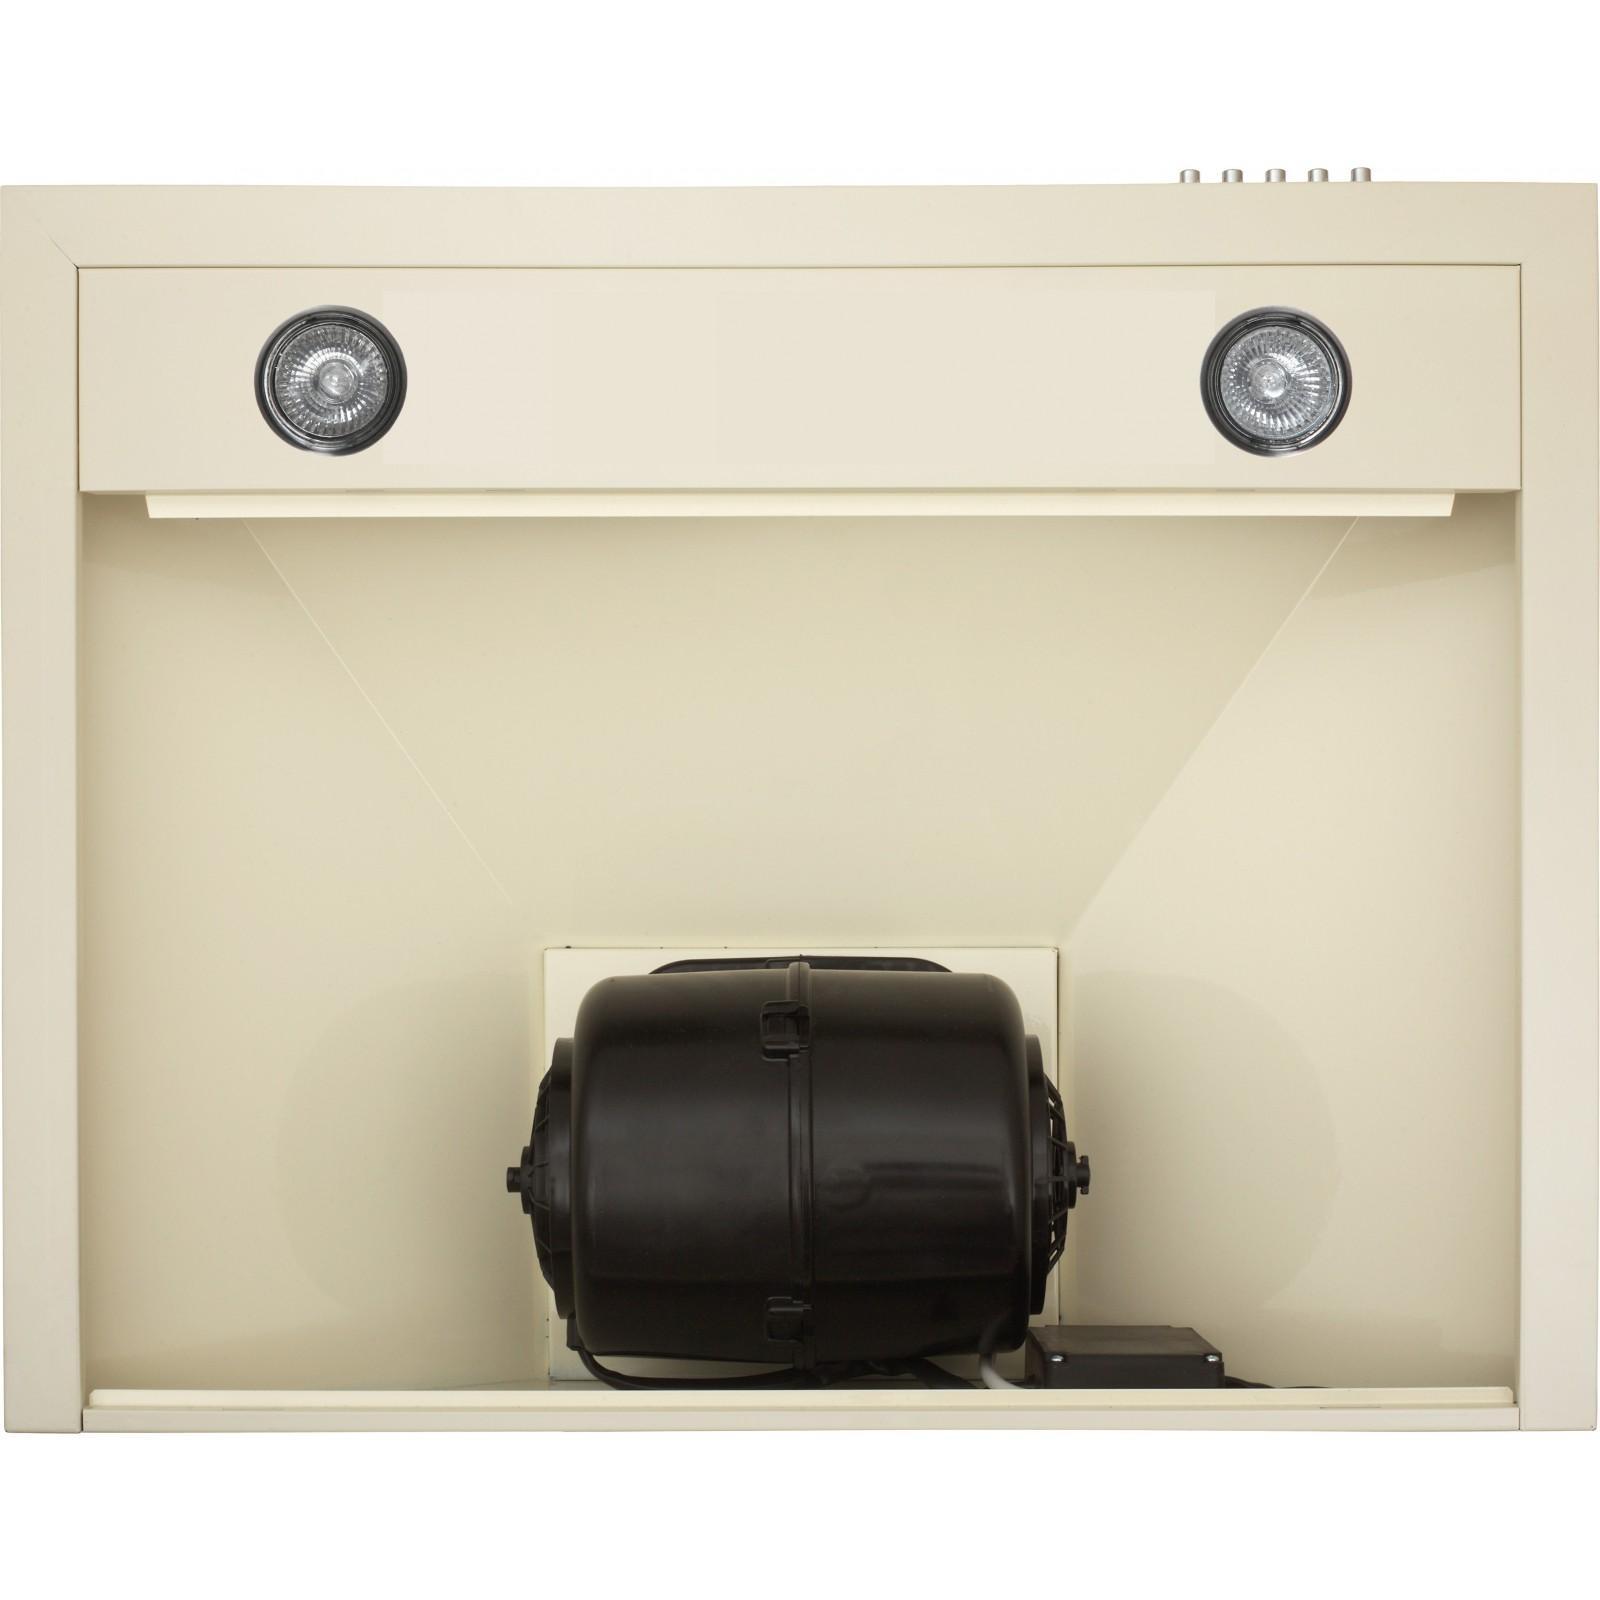 Вытяжка кухонная ELEYUS KENT 700 60 BG изображение 5